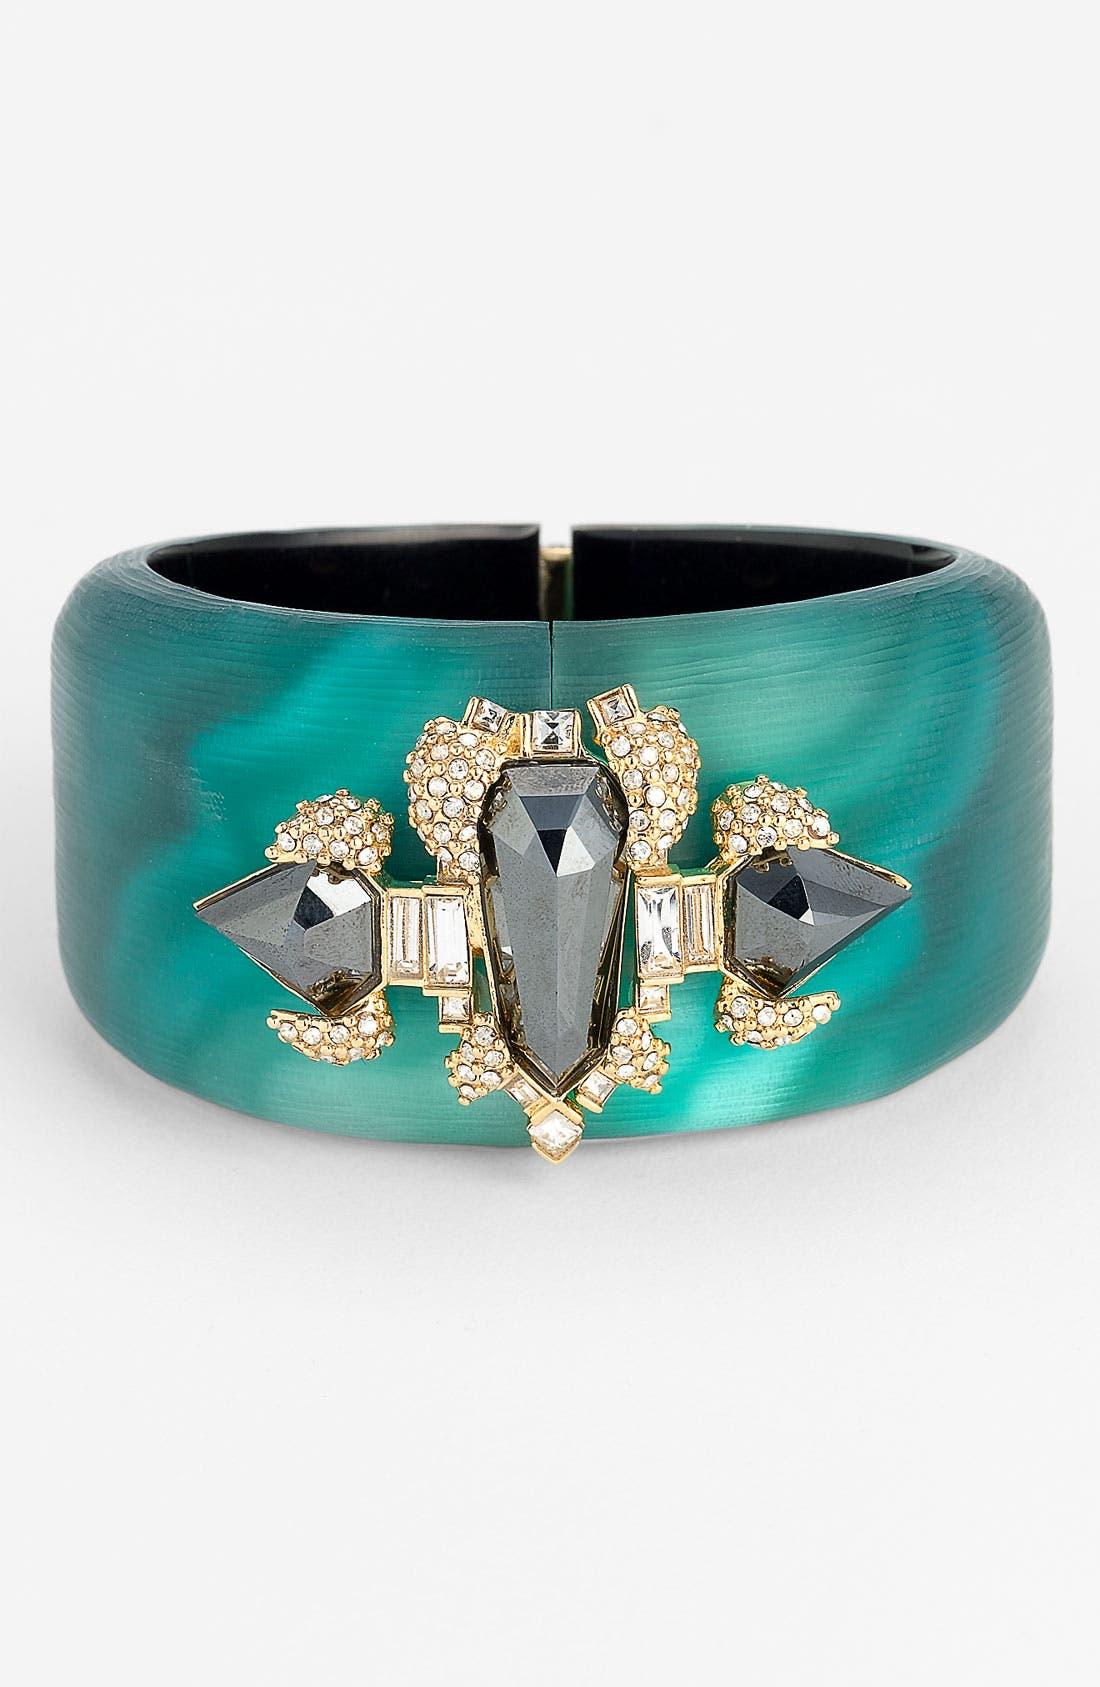 Alternate Image 1 Selected - Alexis Bittar 'Teatro Moderne' Large Shield Bracelet (Nordstrom Exclusive)